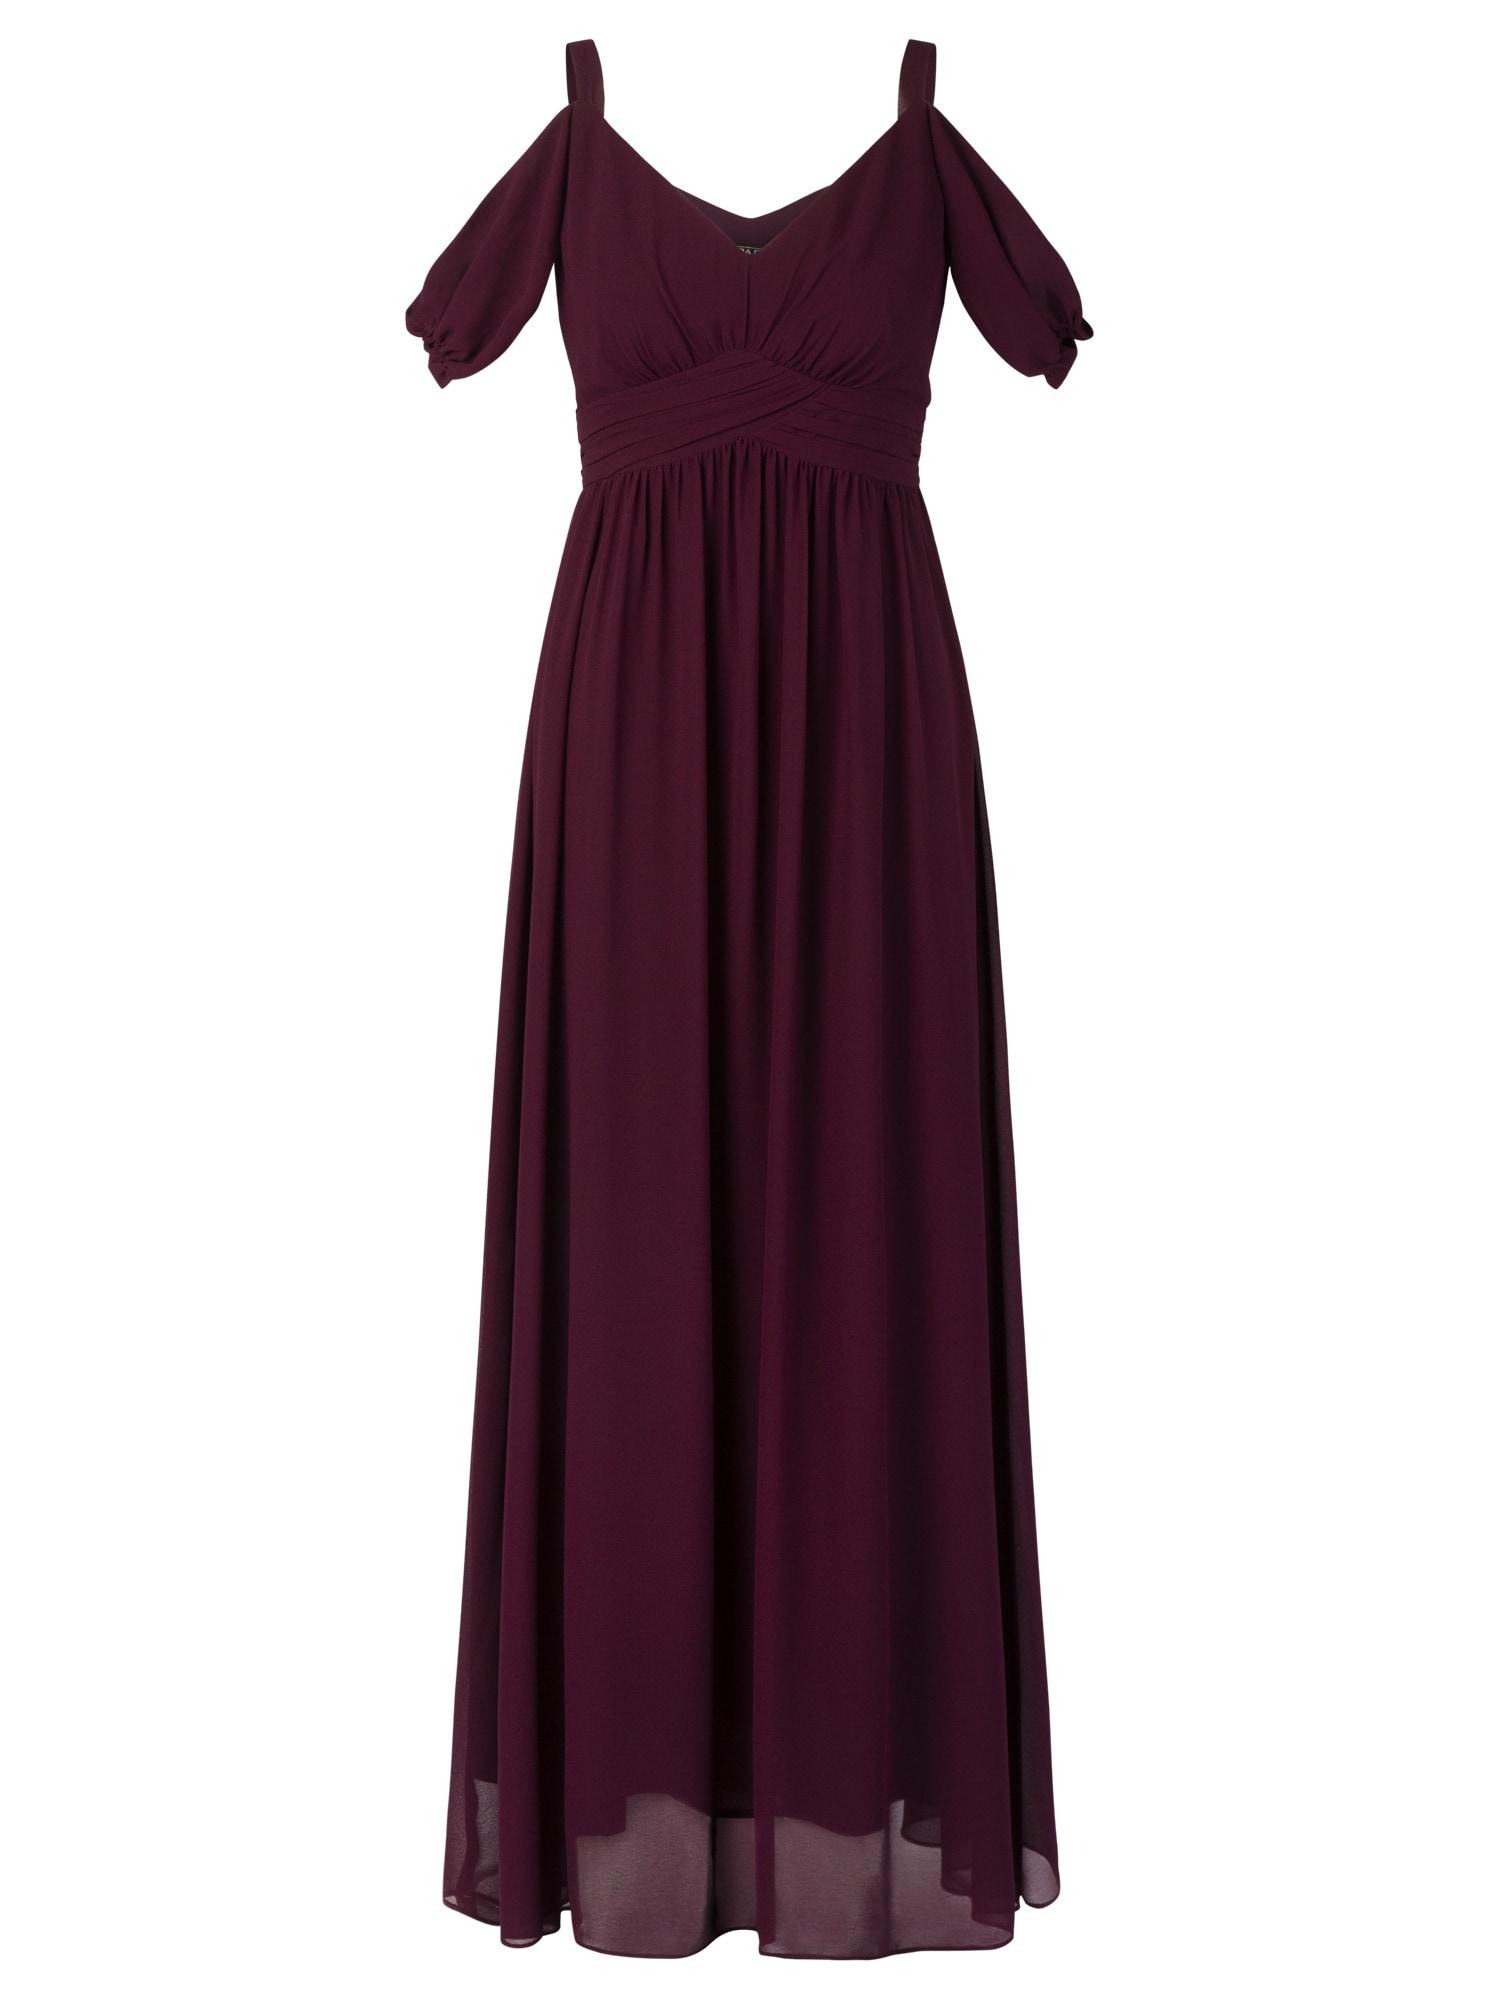 APART Vakarinė suknelė vyno raudona spalva